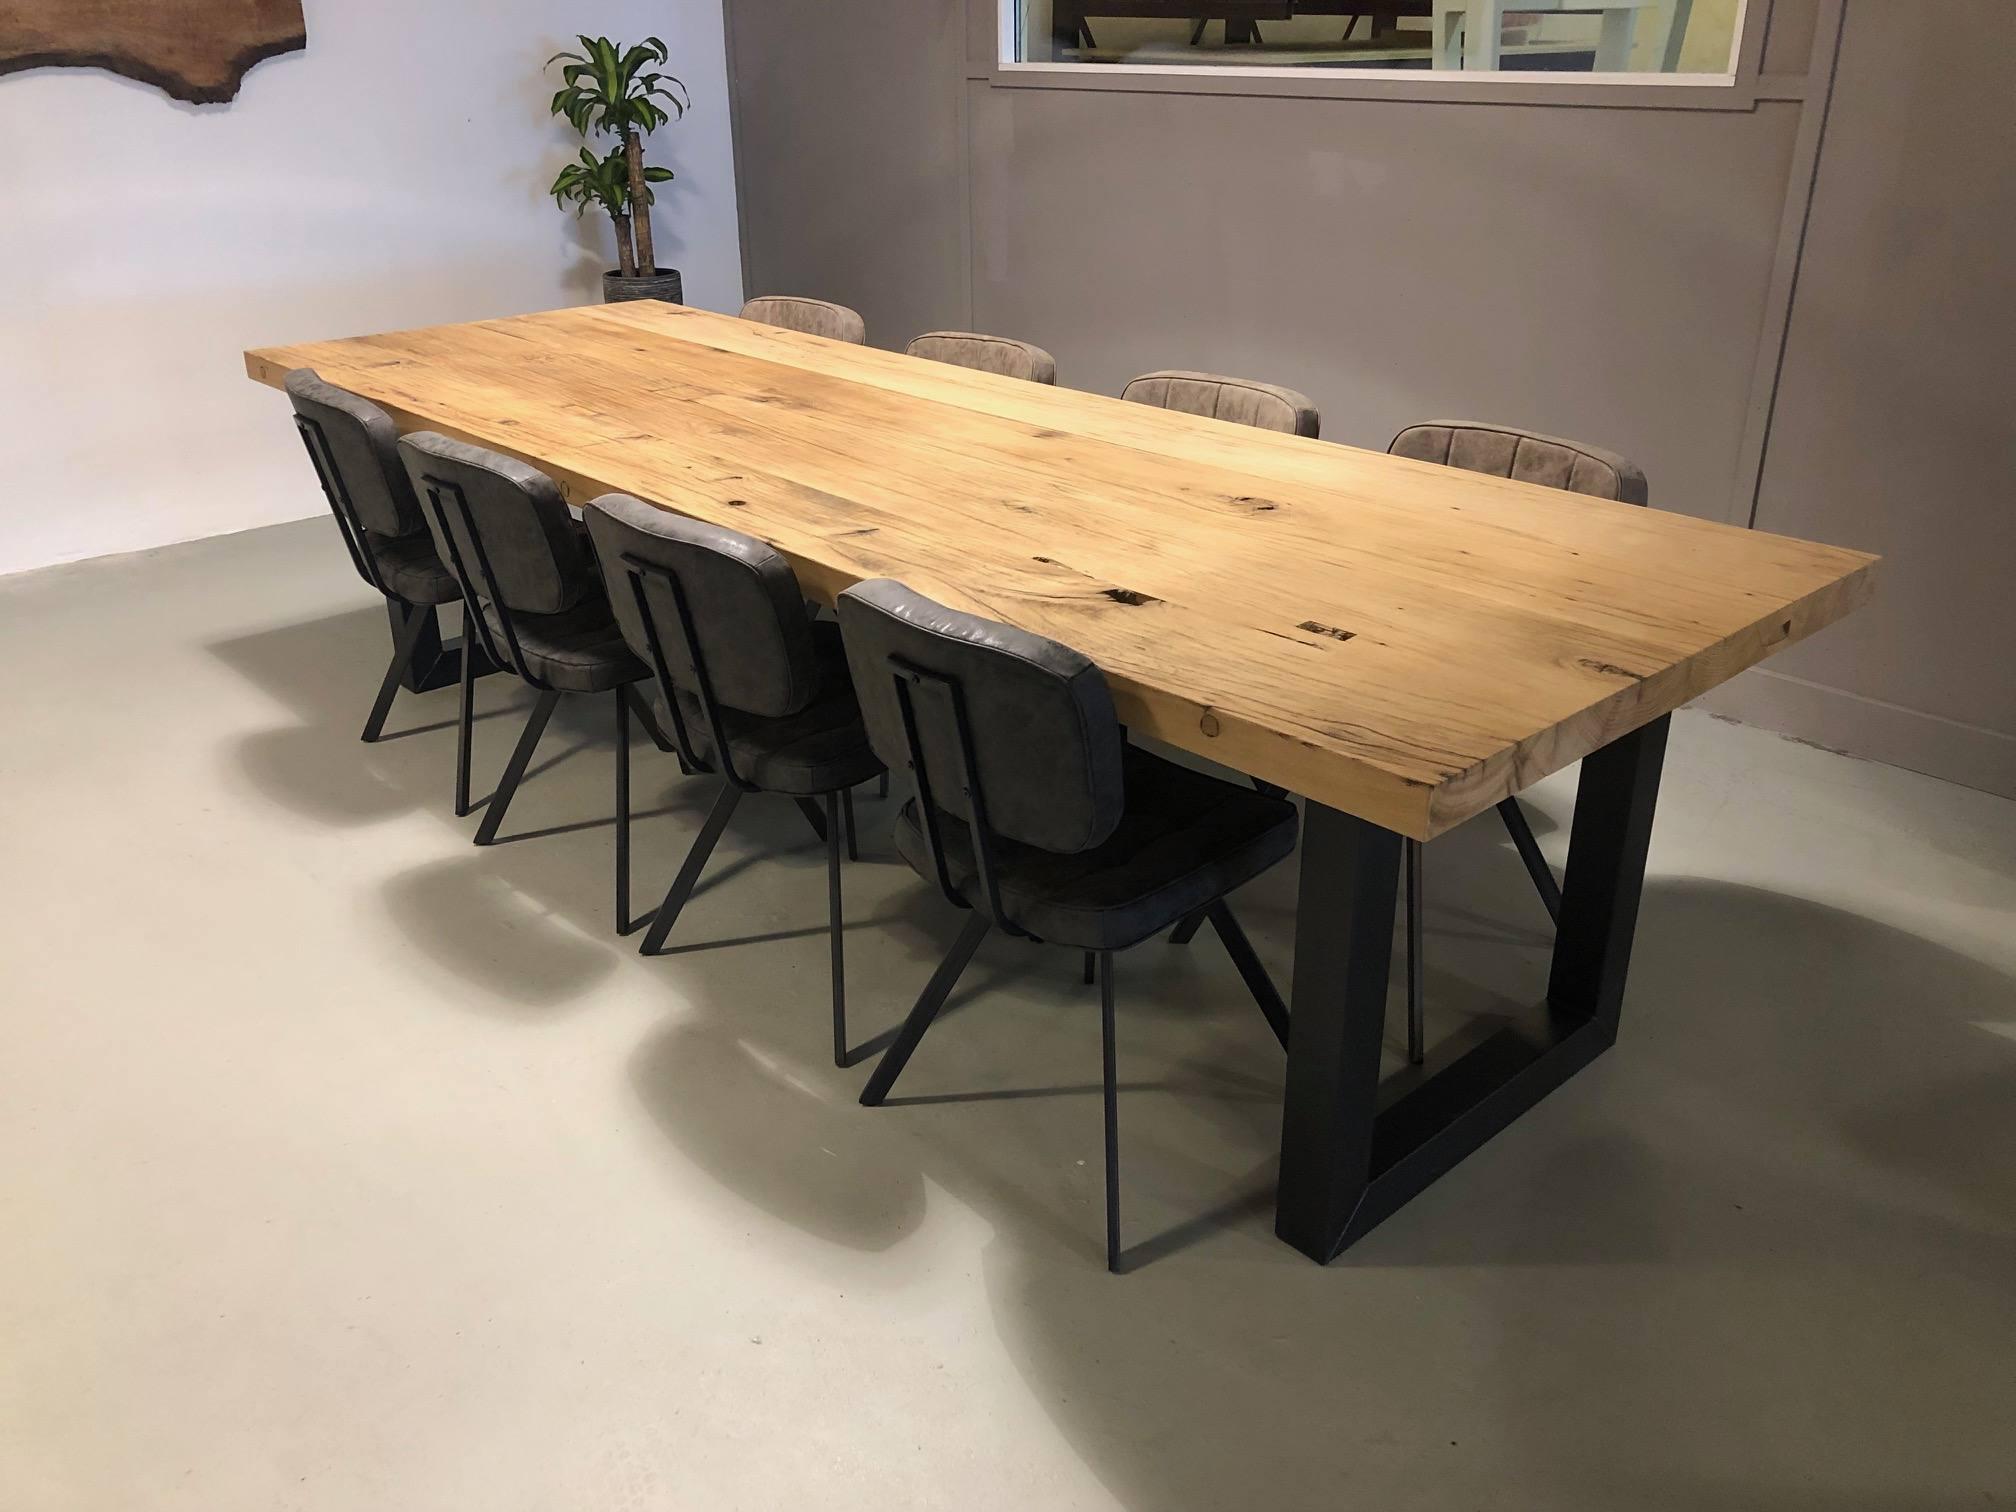 Oud eiken tafel van 3 meter